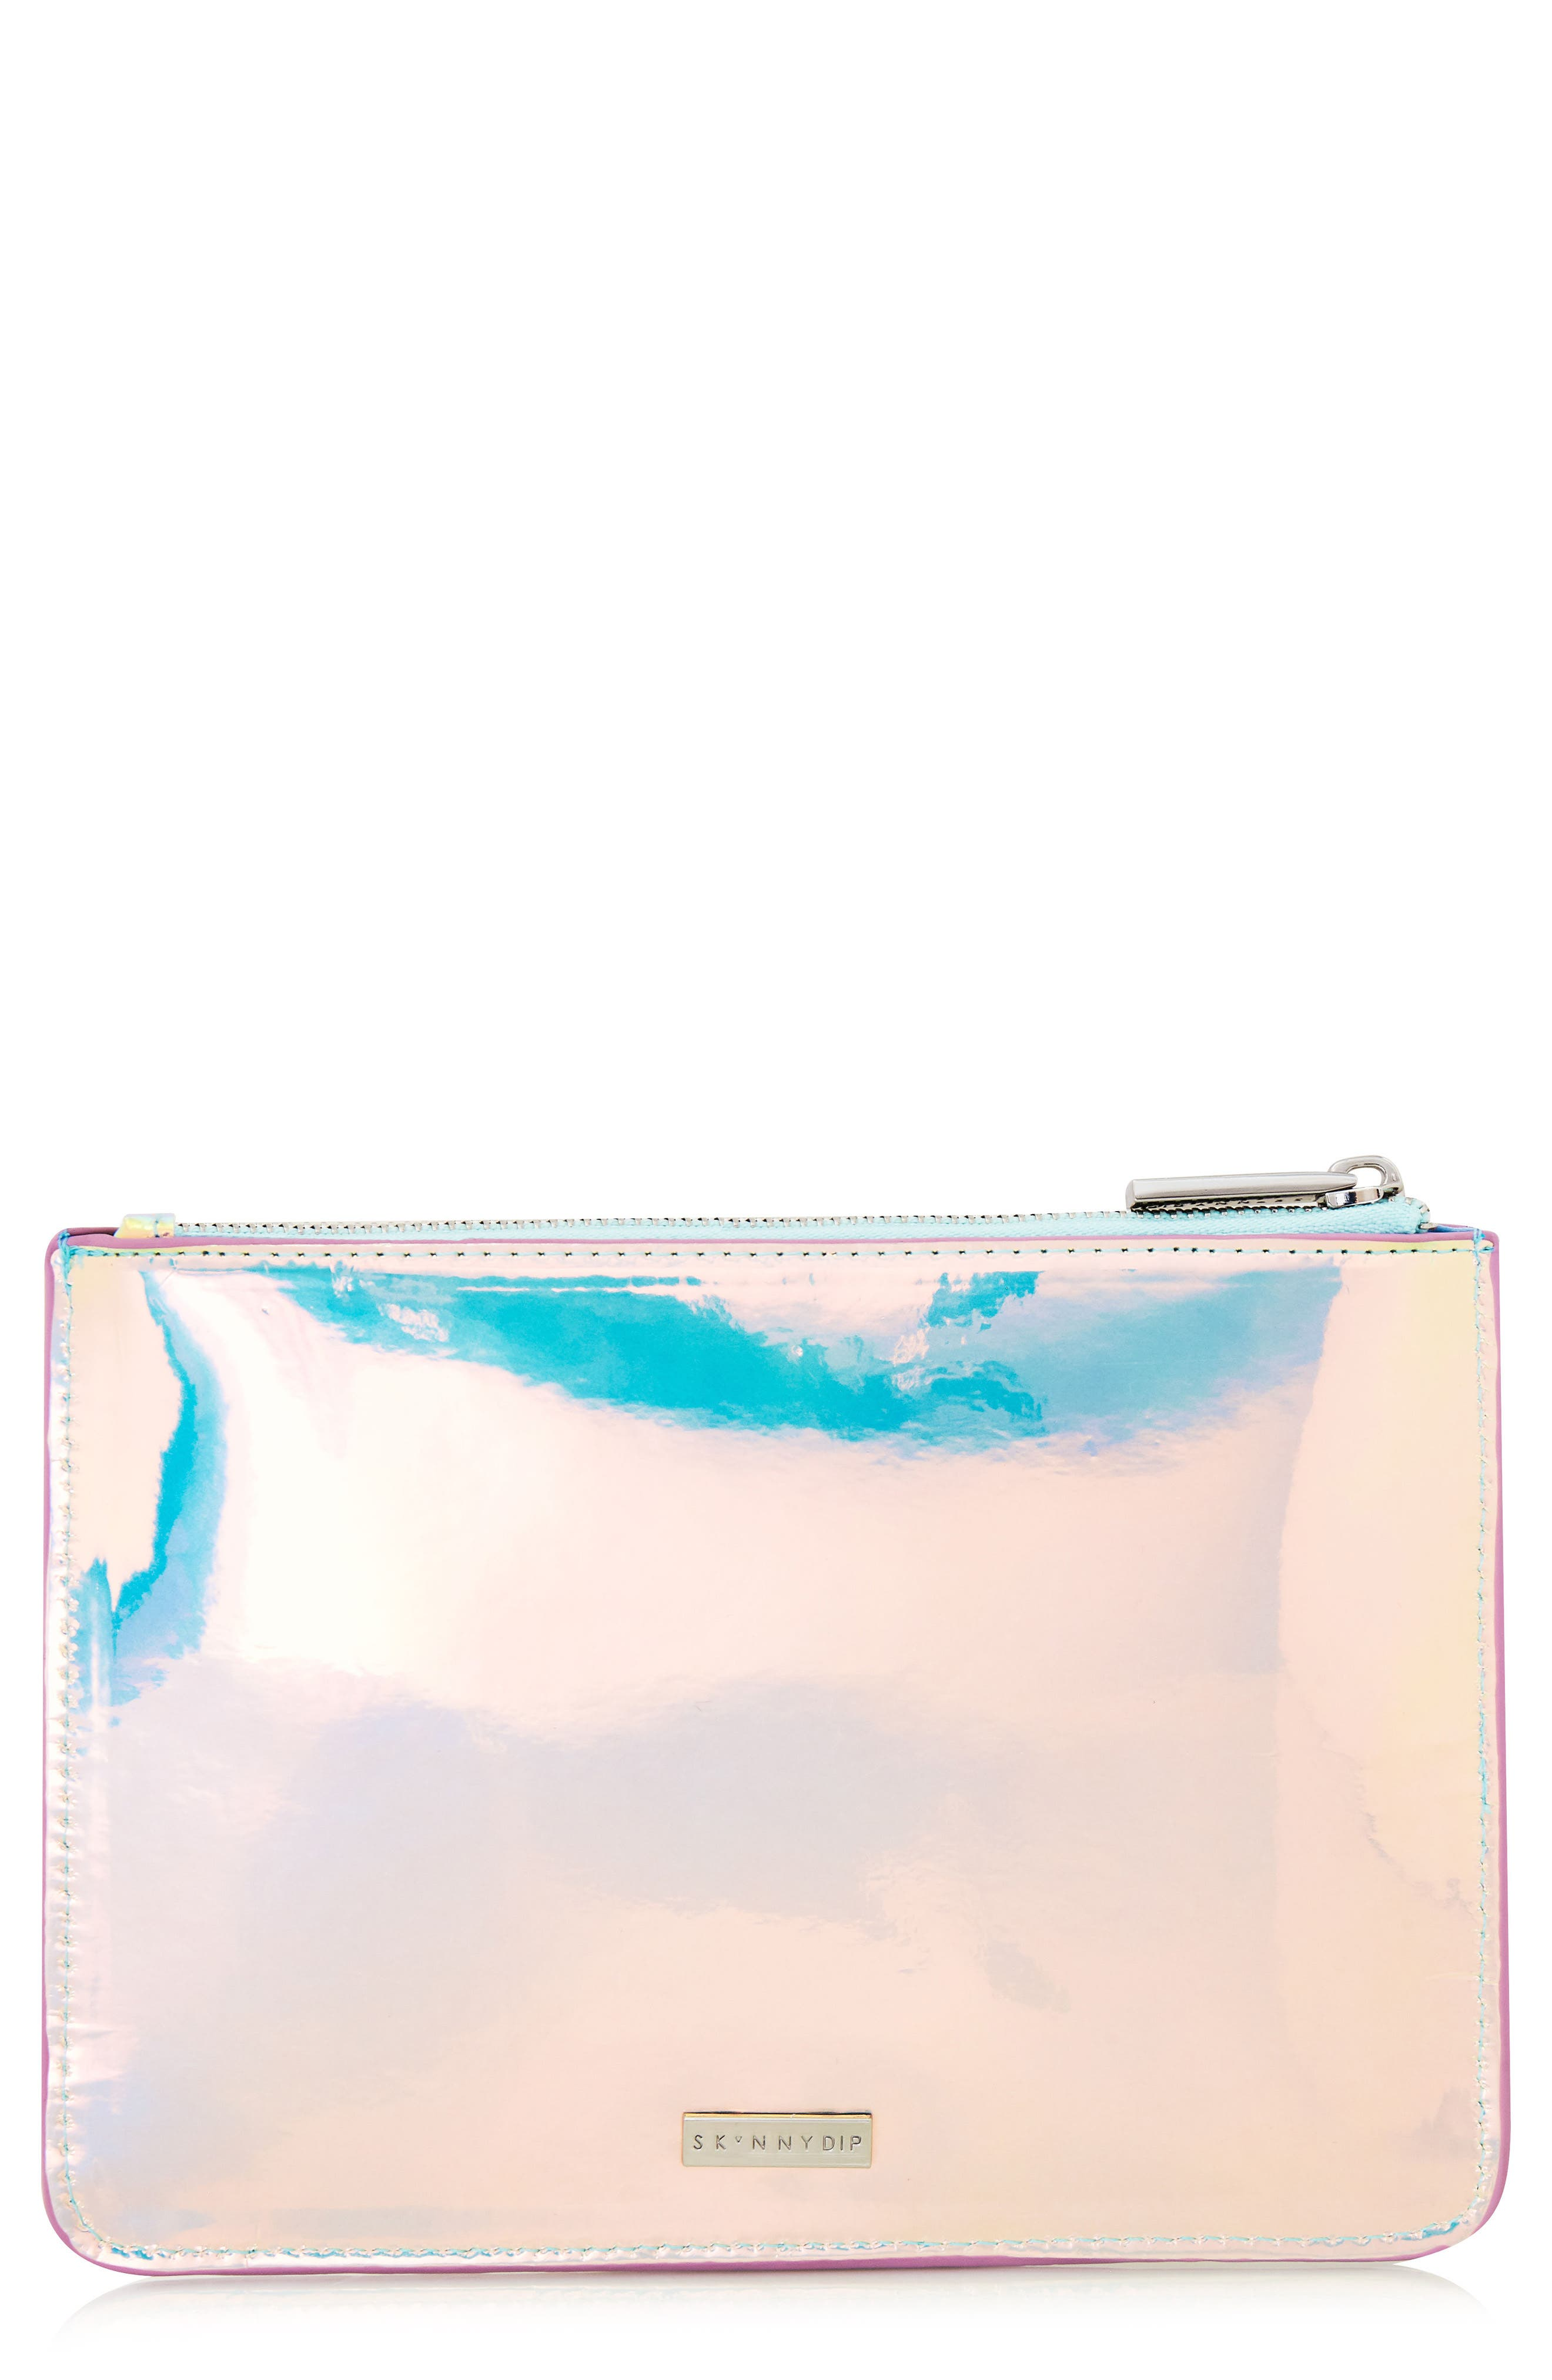 Skinny Dip Ocean Makeup Bag,                         Main,                         color, 000